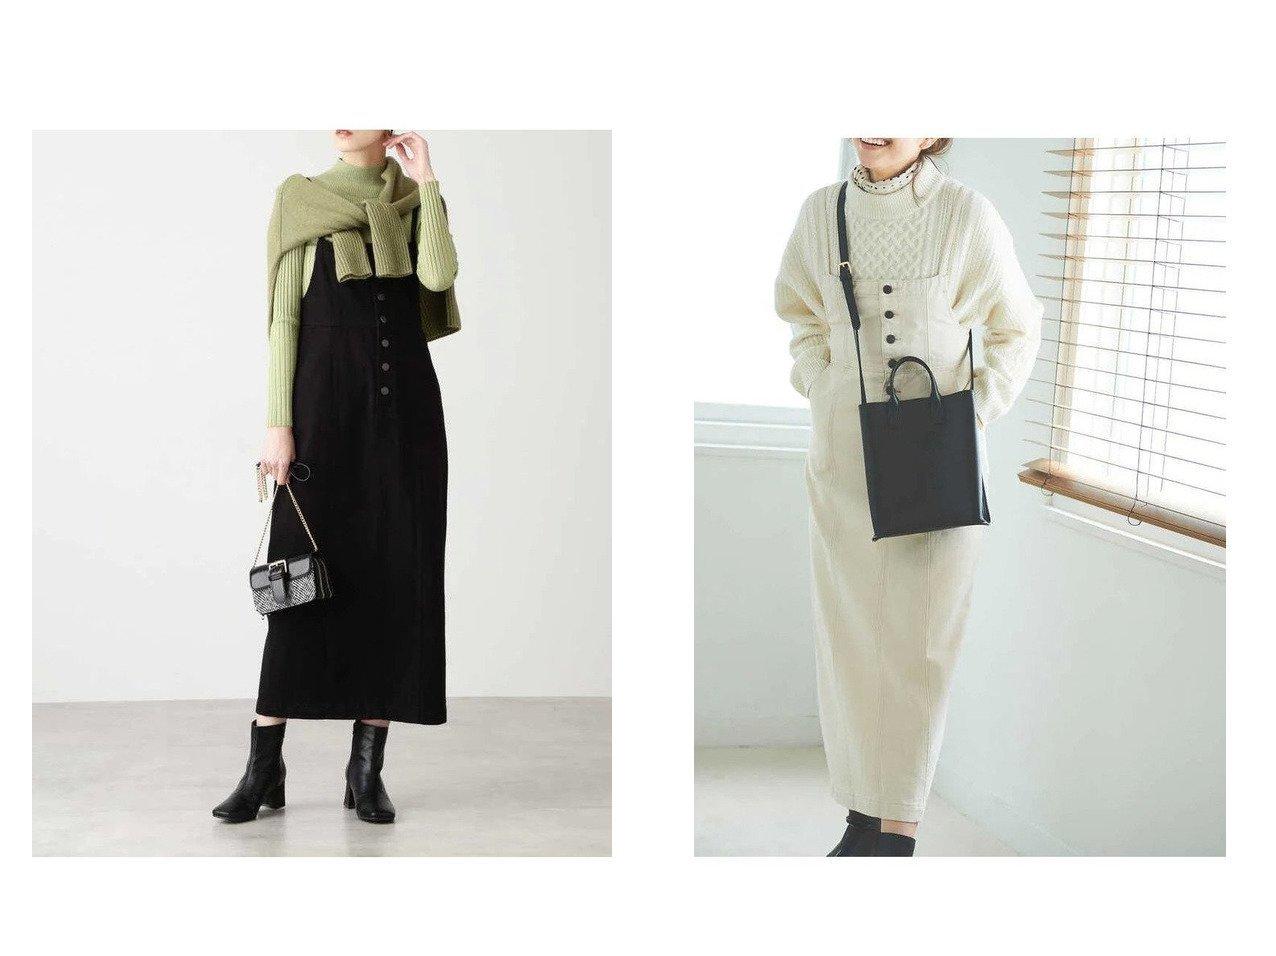 【N.Natural Beauty basic/エヌ ナチュラルビューティーベーシック】のデニムサロペットワンピース《S Size Line》 【ワンピース・ドレス】おすすめ!人気、トレンド・レディースファッションの通販 おすすめで人気の流行・トレンド、ファッションの通販商品 インテリア・家具・メンズファッション・キッズファッション・レディースファッション・服の通販 founy(ファニー) https://founy.com/ ファッション Fashion レディースファッション WOMEN ワンピース Dress サロペット Salopette ショルダー フェミニン フロント |ID:crp329100000056885